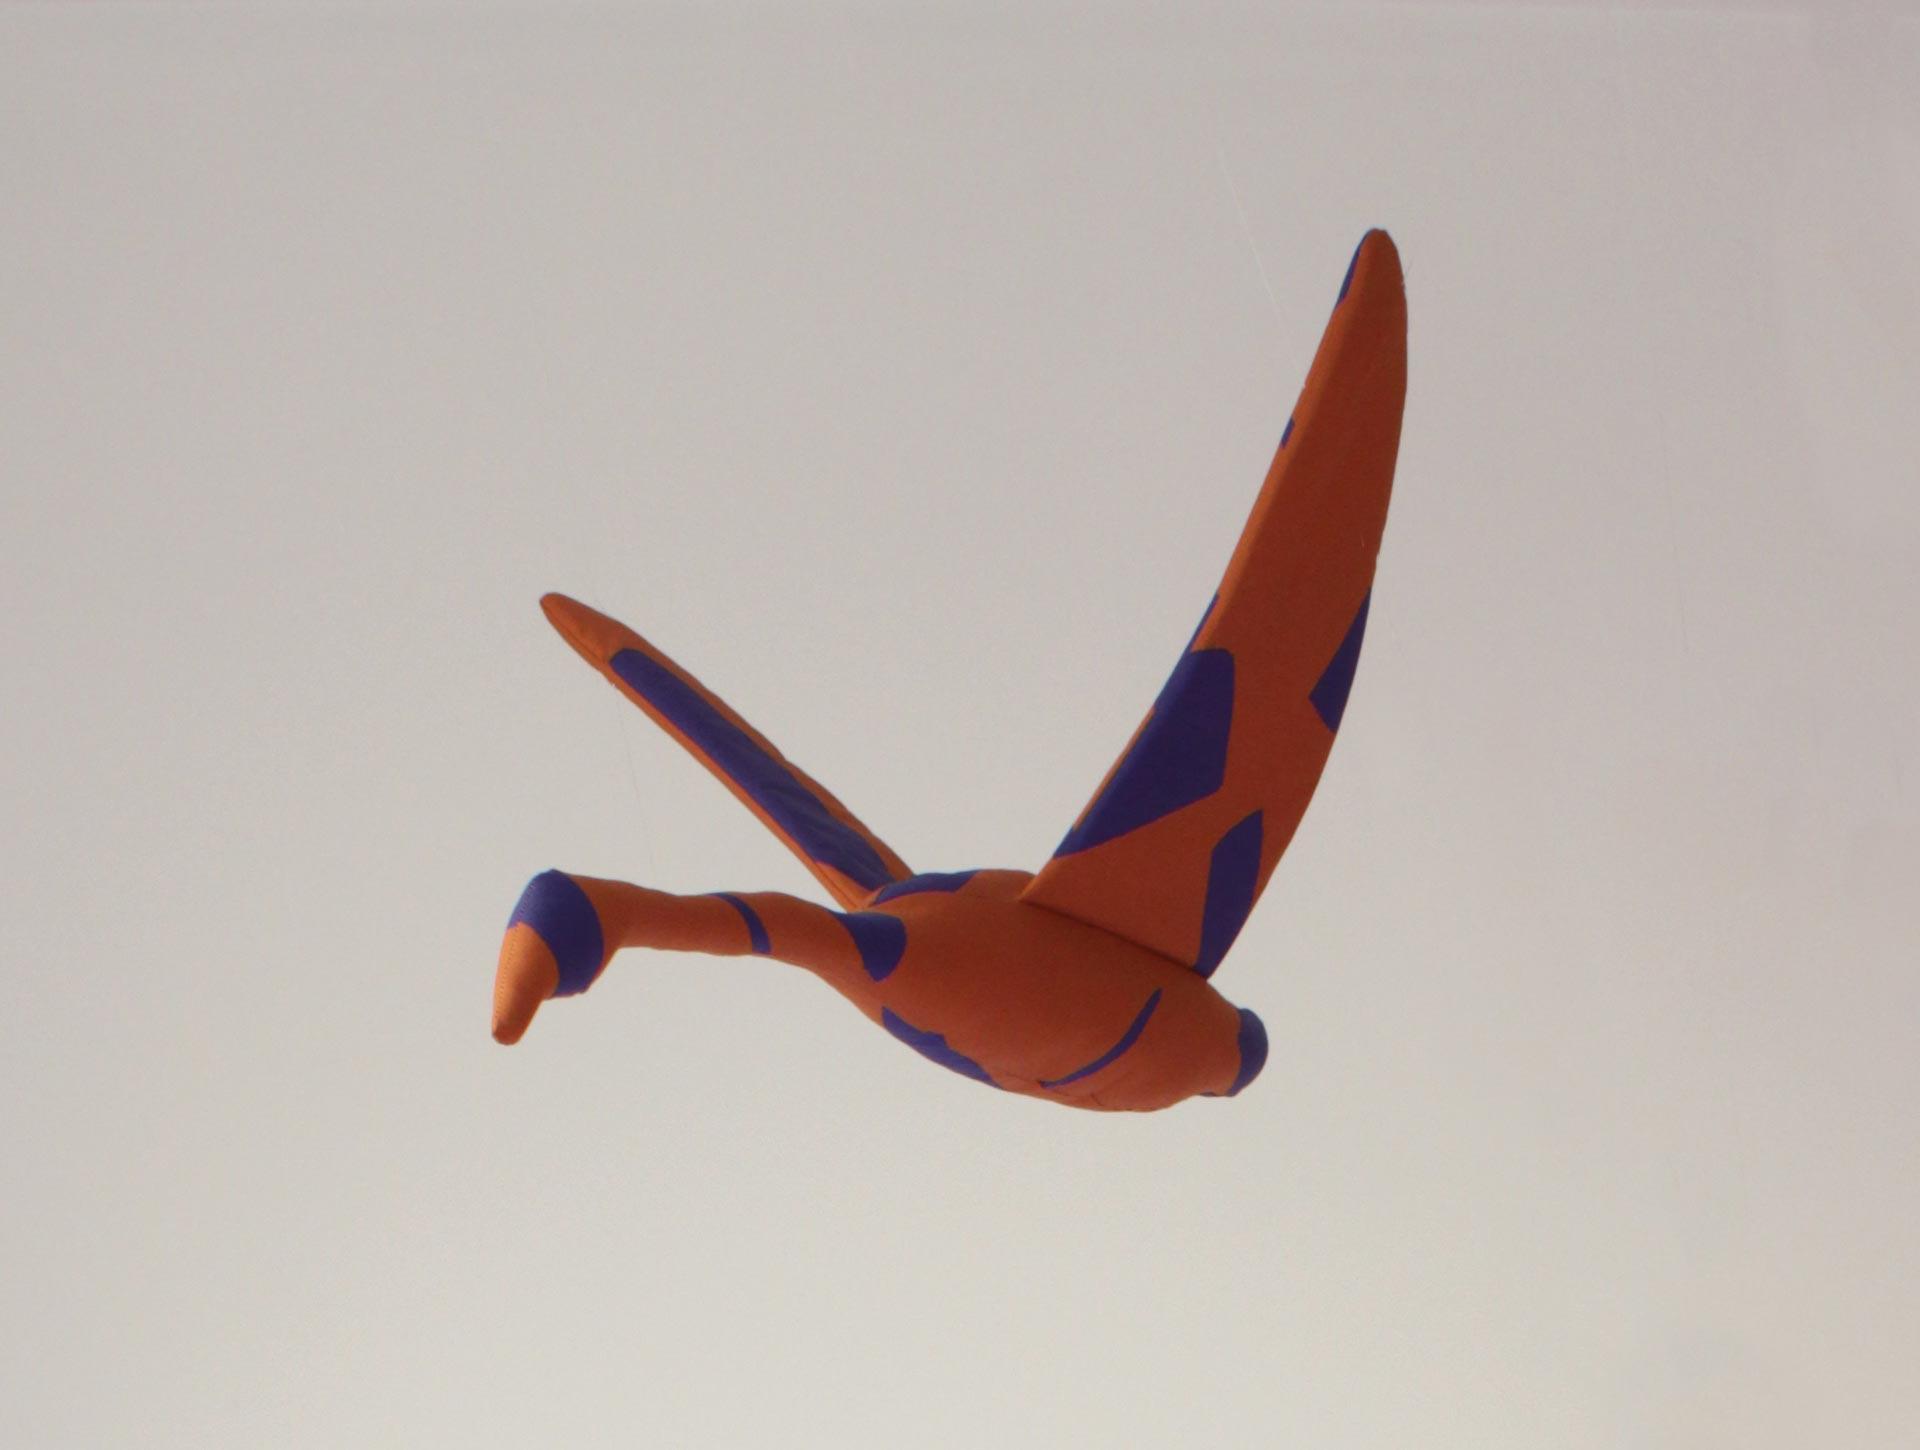 Swan S rustbrown | blue